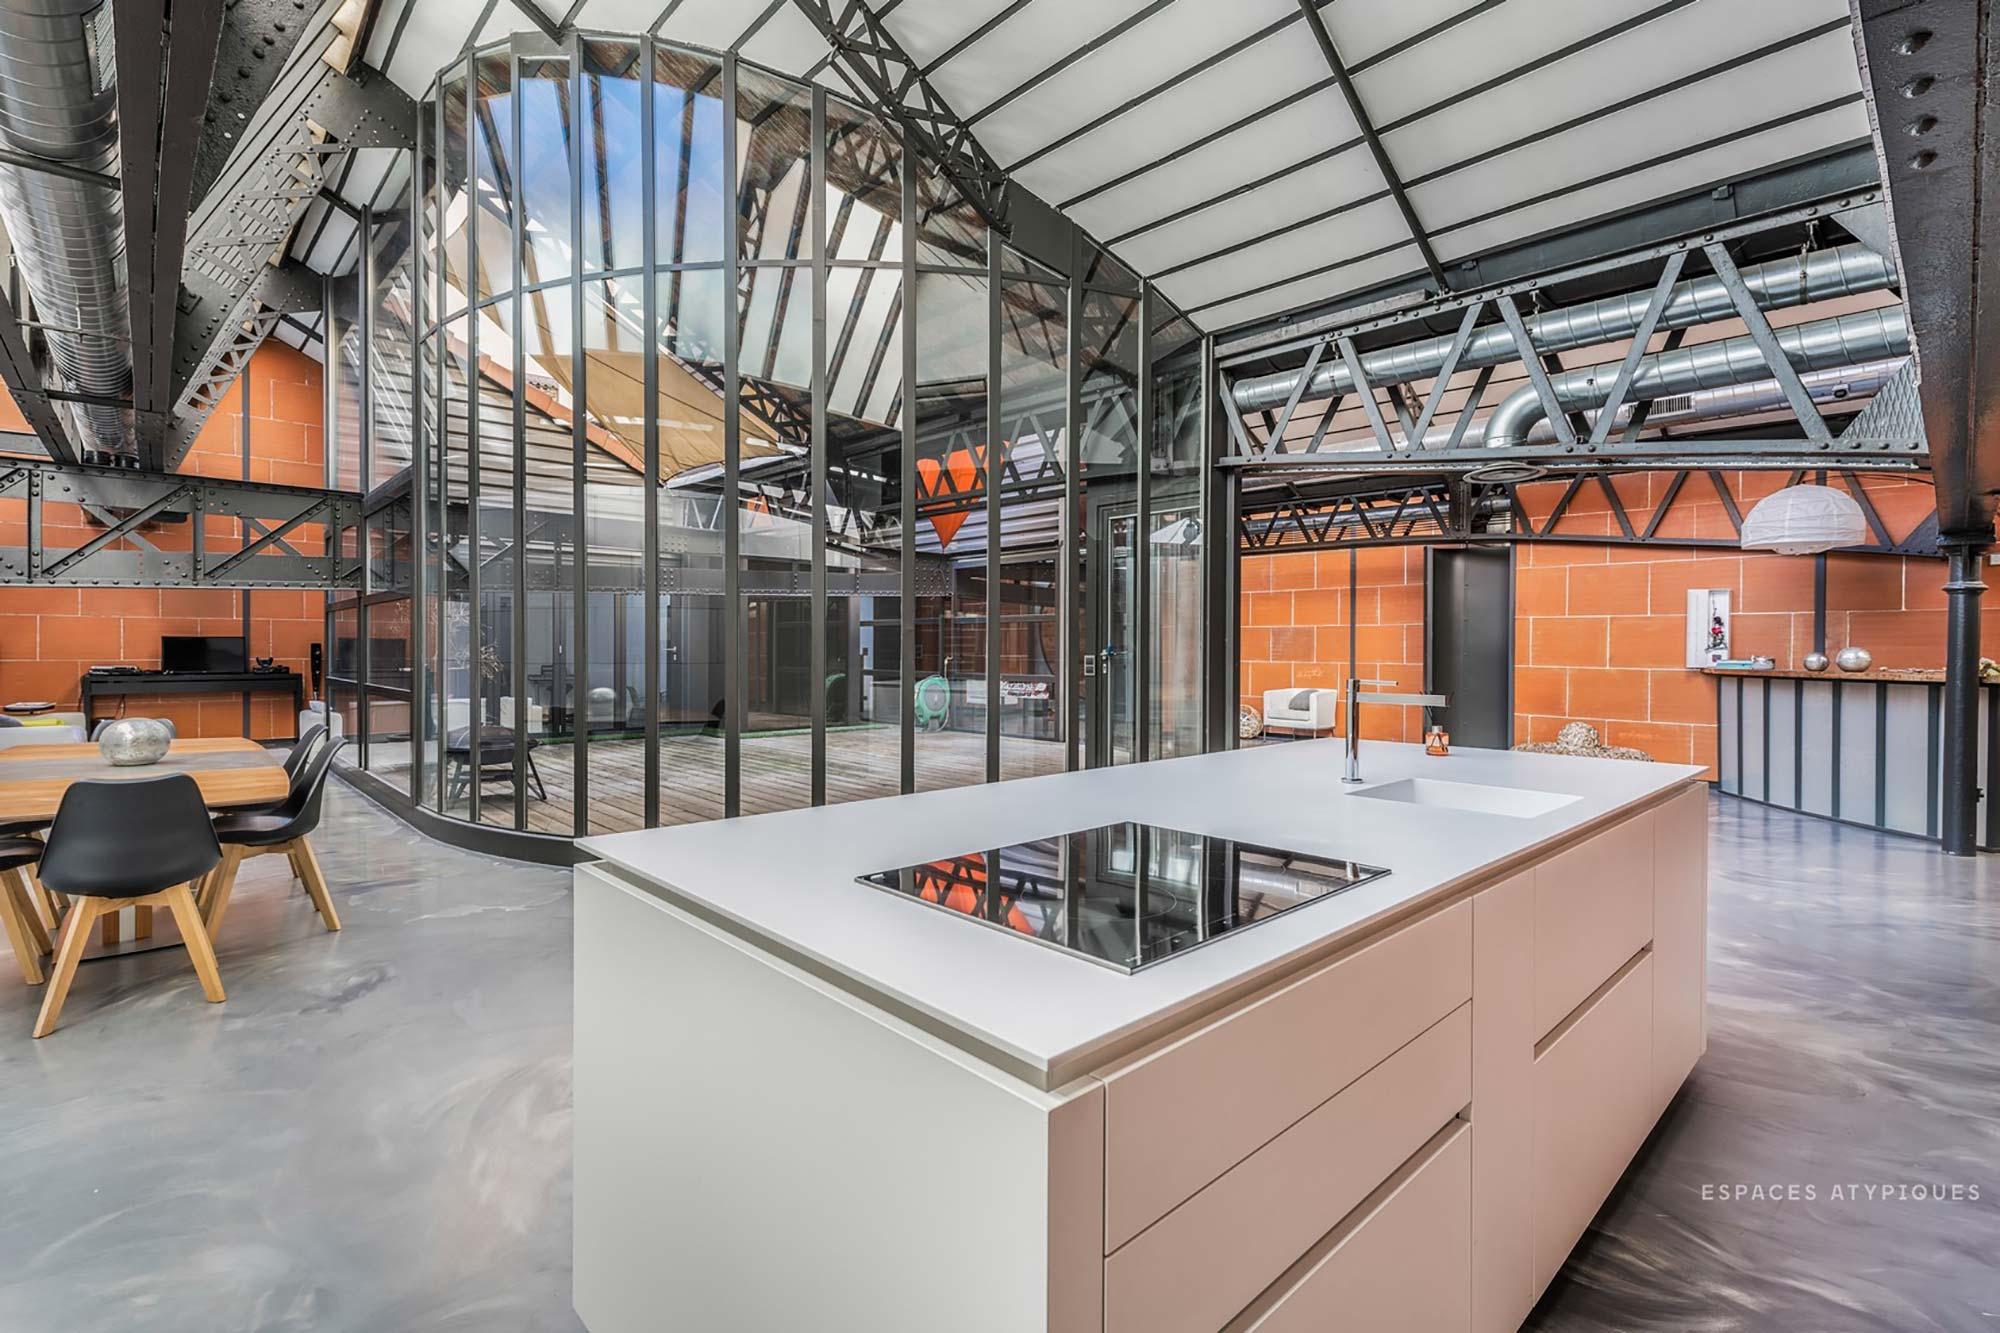 3 magnifiques lofts à découvrir à Lyon